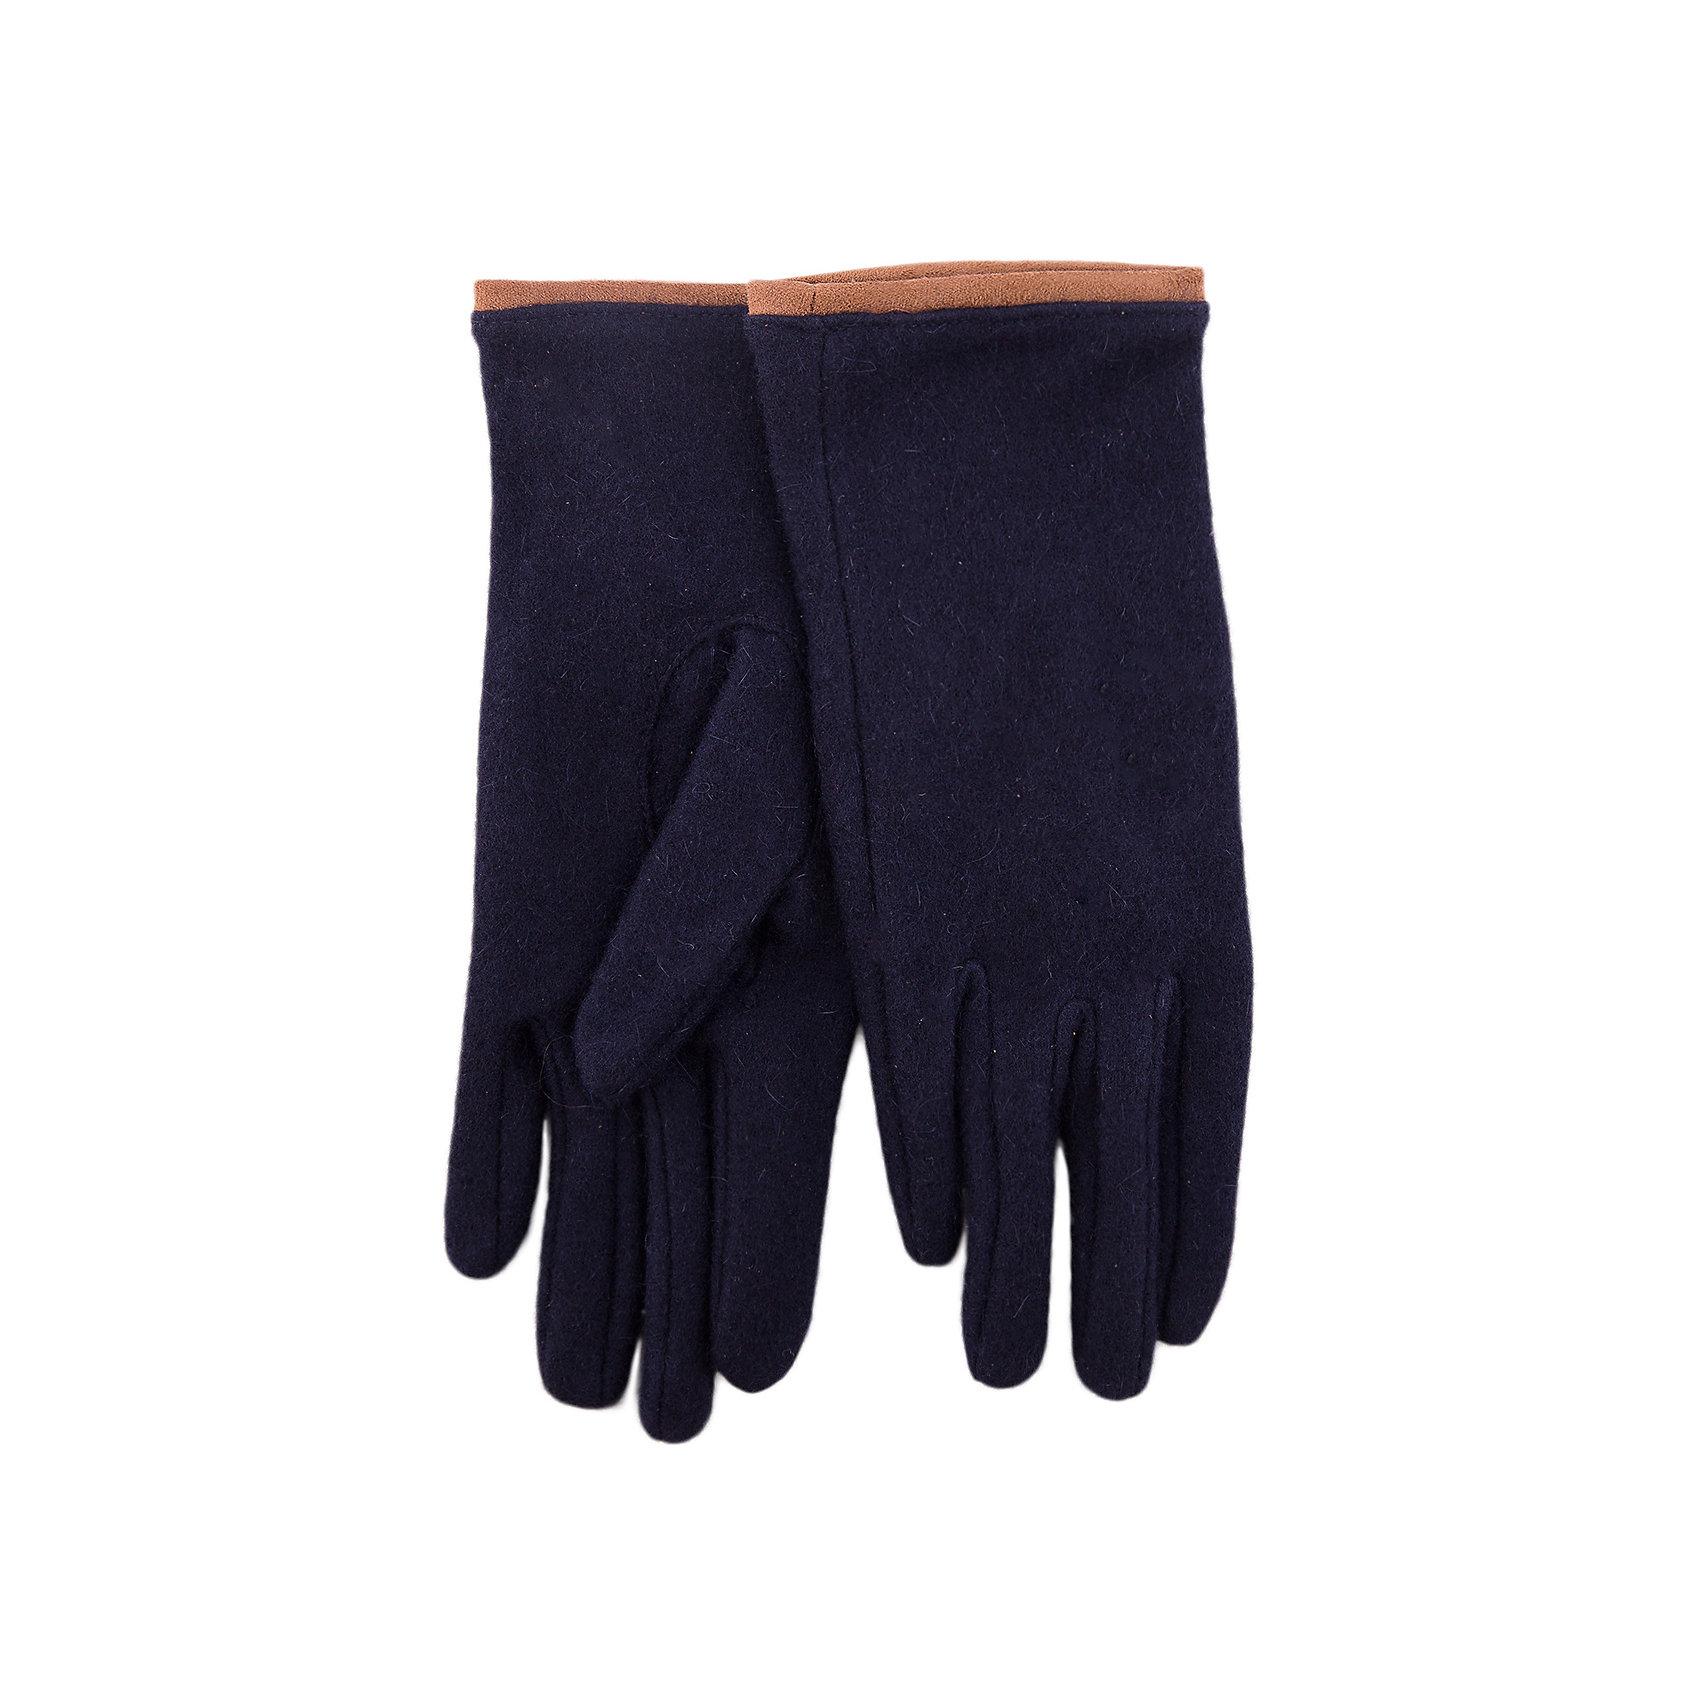 Перчатки Gulliver для девочкиПерчатки, варежки<br>Перчатки Gulliver для девочки<br>Элегантные вязаные перчатки - необходимая вещь для продолжительных прогулок на свежем воздухе! Перчатки защитят кожу подростка, создав уют и комфорт. Если вы хотите купить синие перчатки для девочки, обратите внимание на эту модель. Изящное оформление модели резинкой с деликатным люрексом заметно отличает эти перчатки от безликих аналогов. Прекрасный состав делает их теплыми и очень мягкими.<br>Состав:<br>40% вискоза     20% шерсть     20% нейлон     20% ангора<br><br>Ширина мм: 162<br>Глубина мм: 171<br>Высота мм: 55<br>Вес г: 119<br>Цвет: синий<br>Возраст от месяцев: 3<br>Возраст до месяцев: 6<br>Пол: Женский<br>Возраст: Детский<br>Размер: 18,16<br>SKU: 7077198